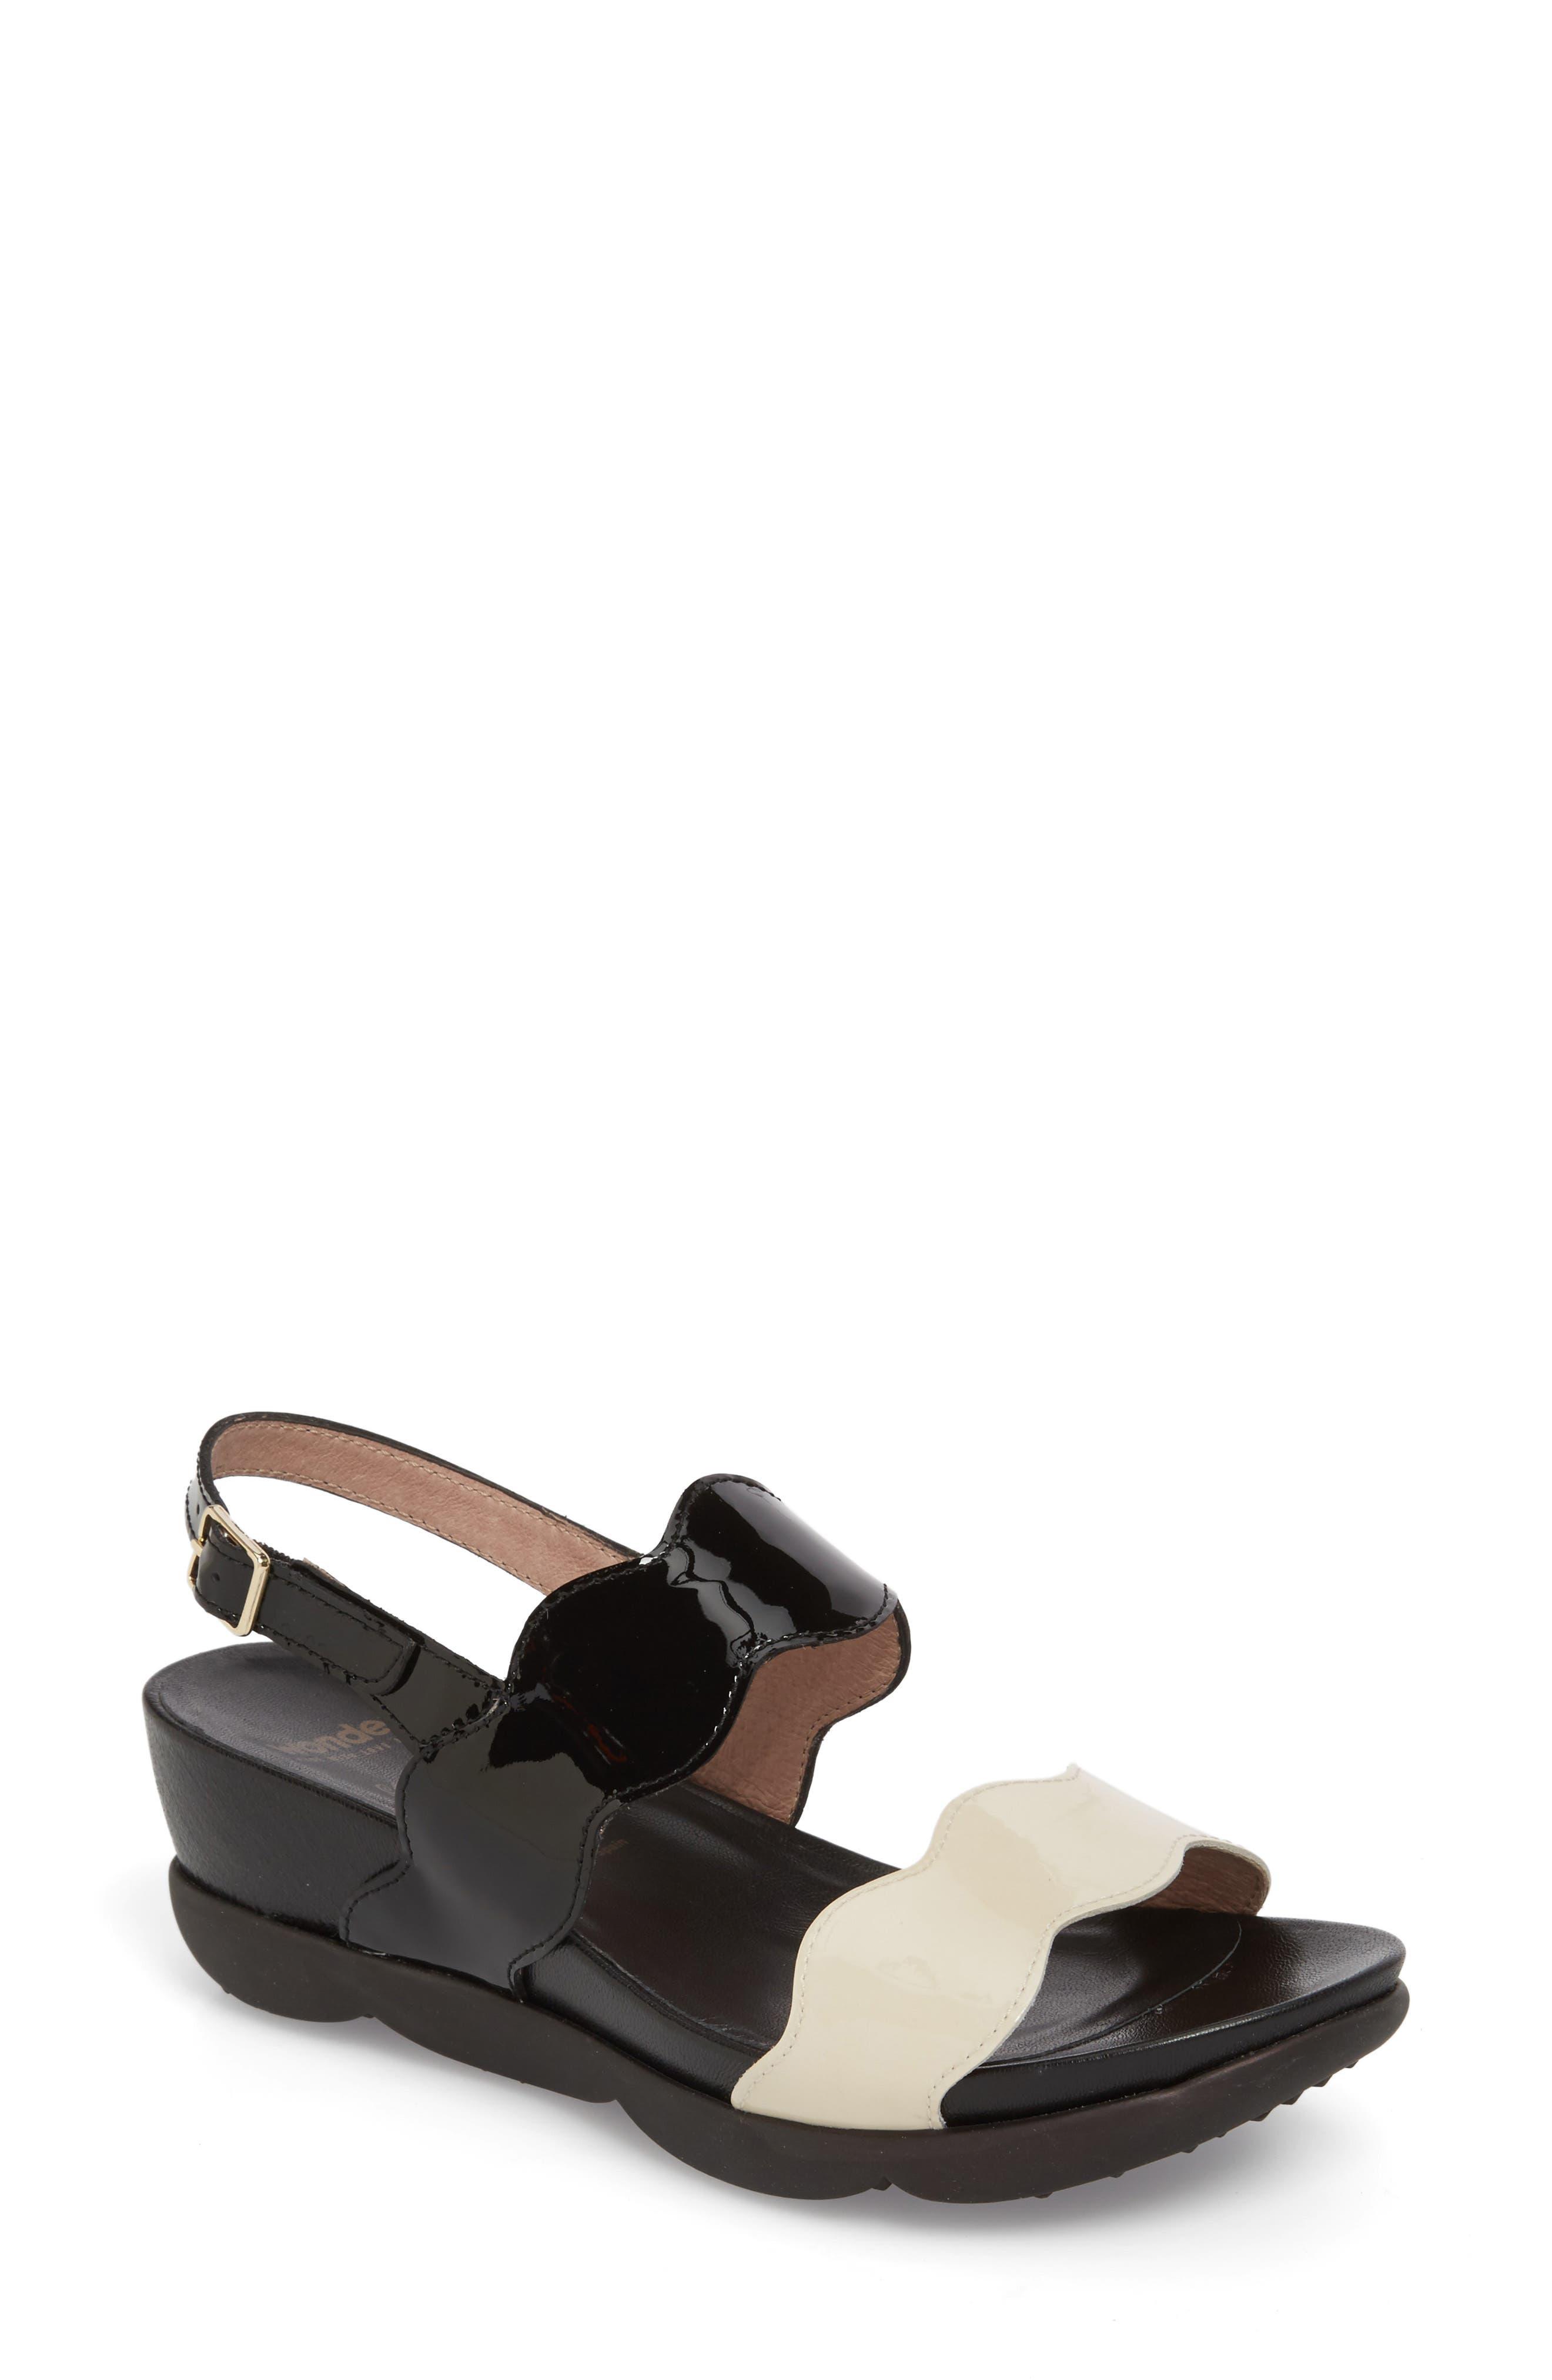 WONDERS Wedge Sandal in Black/ Off Leather